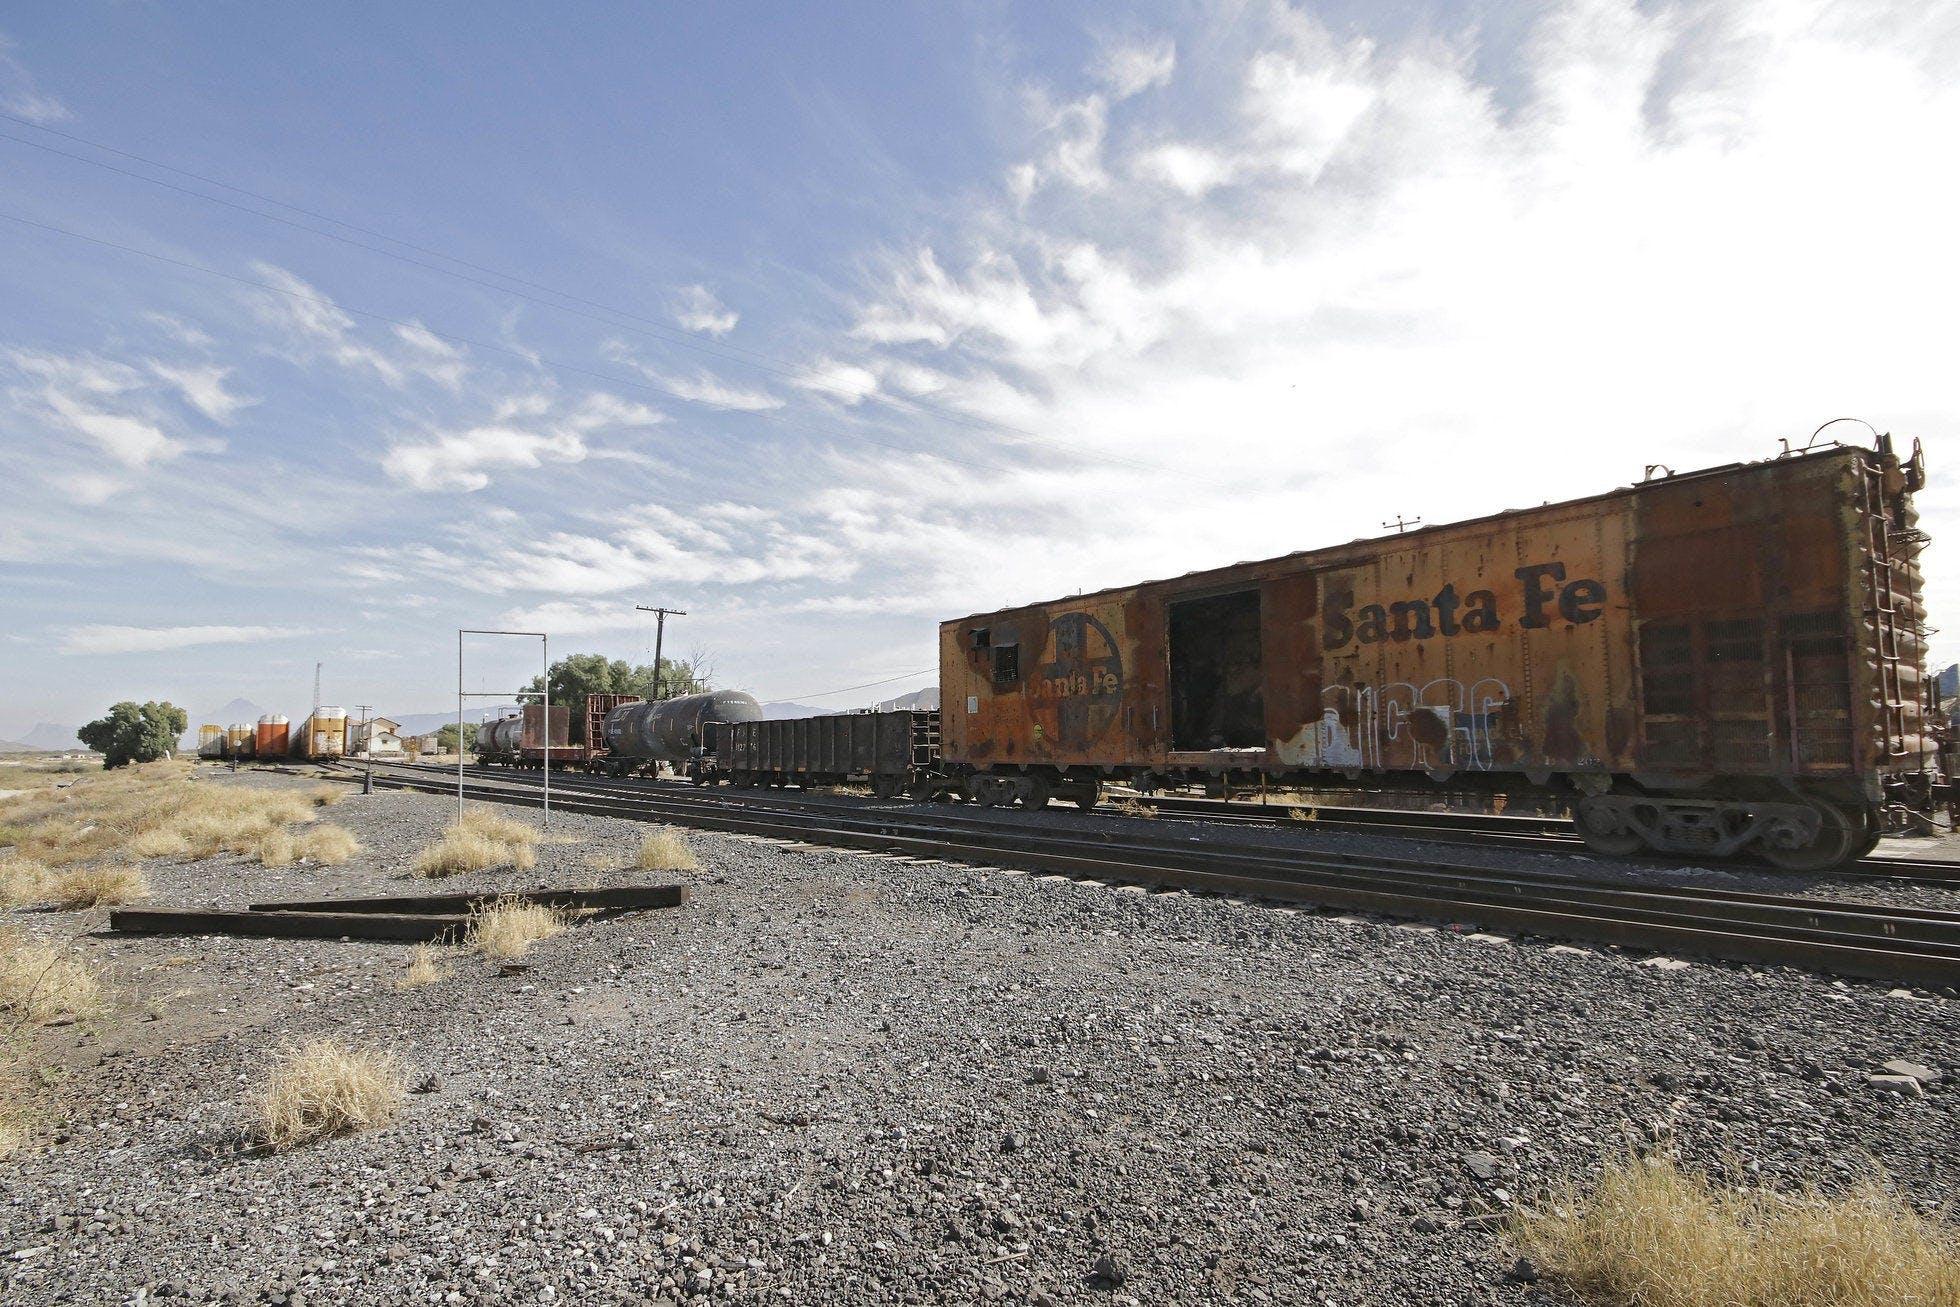 furgon de un tren de carga en las vias del tren.